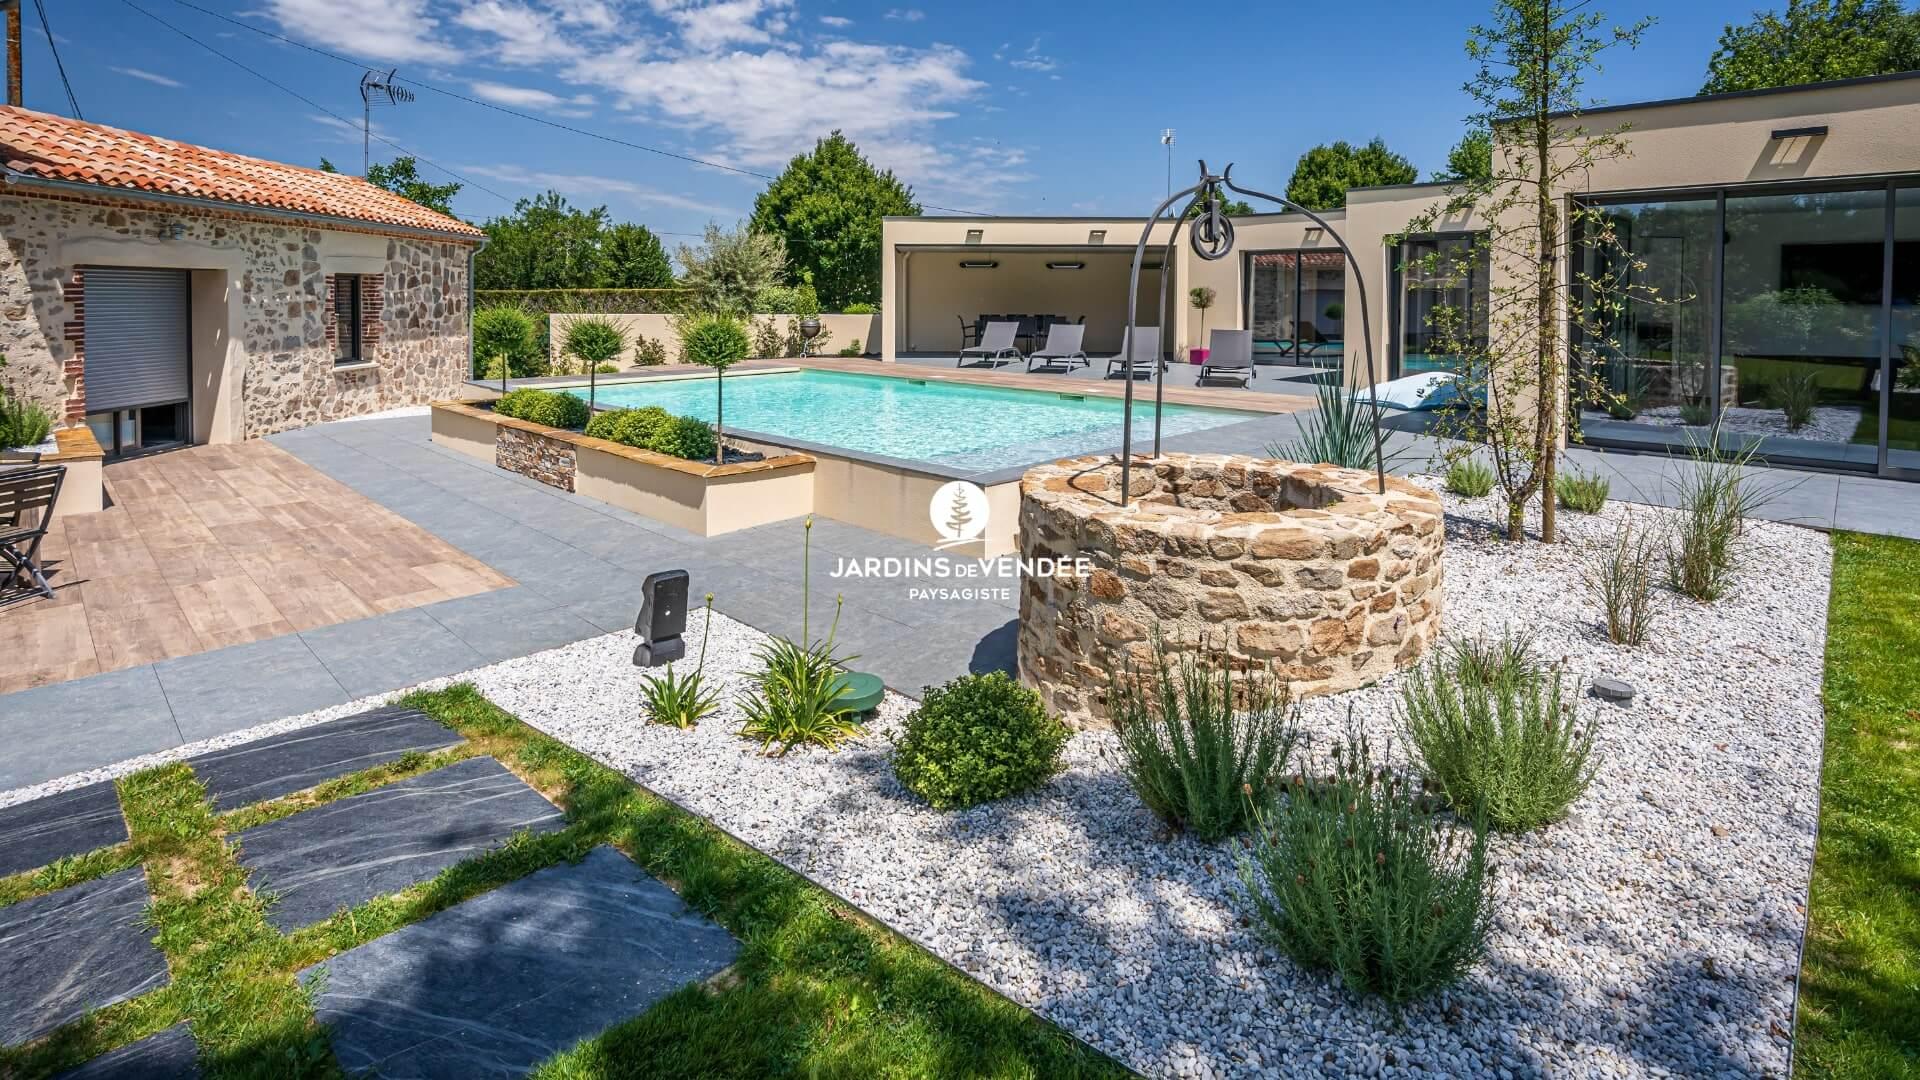 jardins-de-vendee-realisations-piscines-bassins(25)